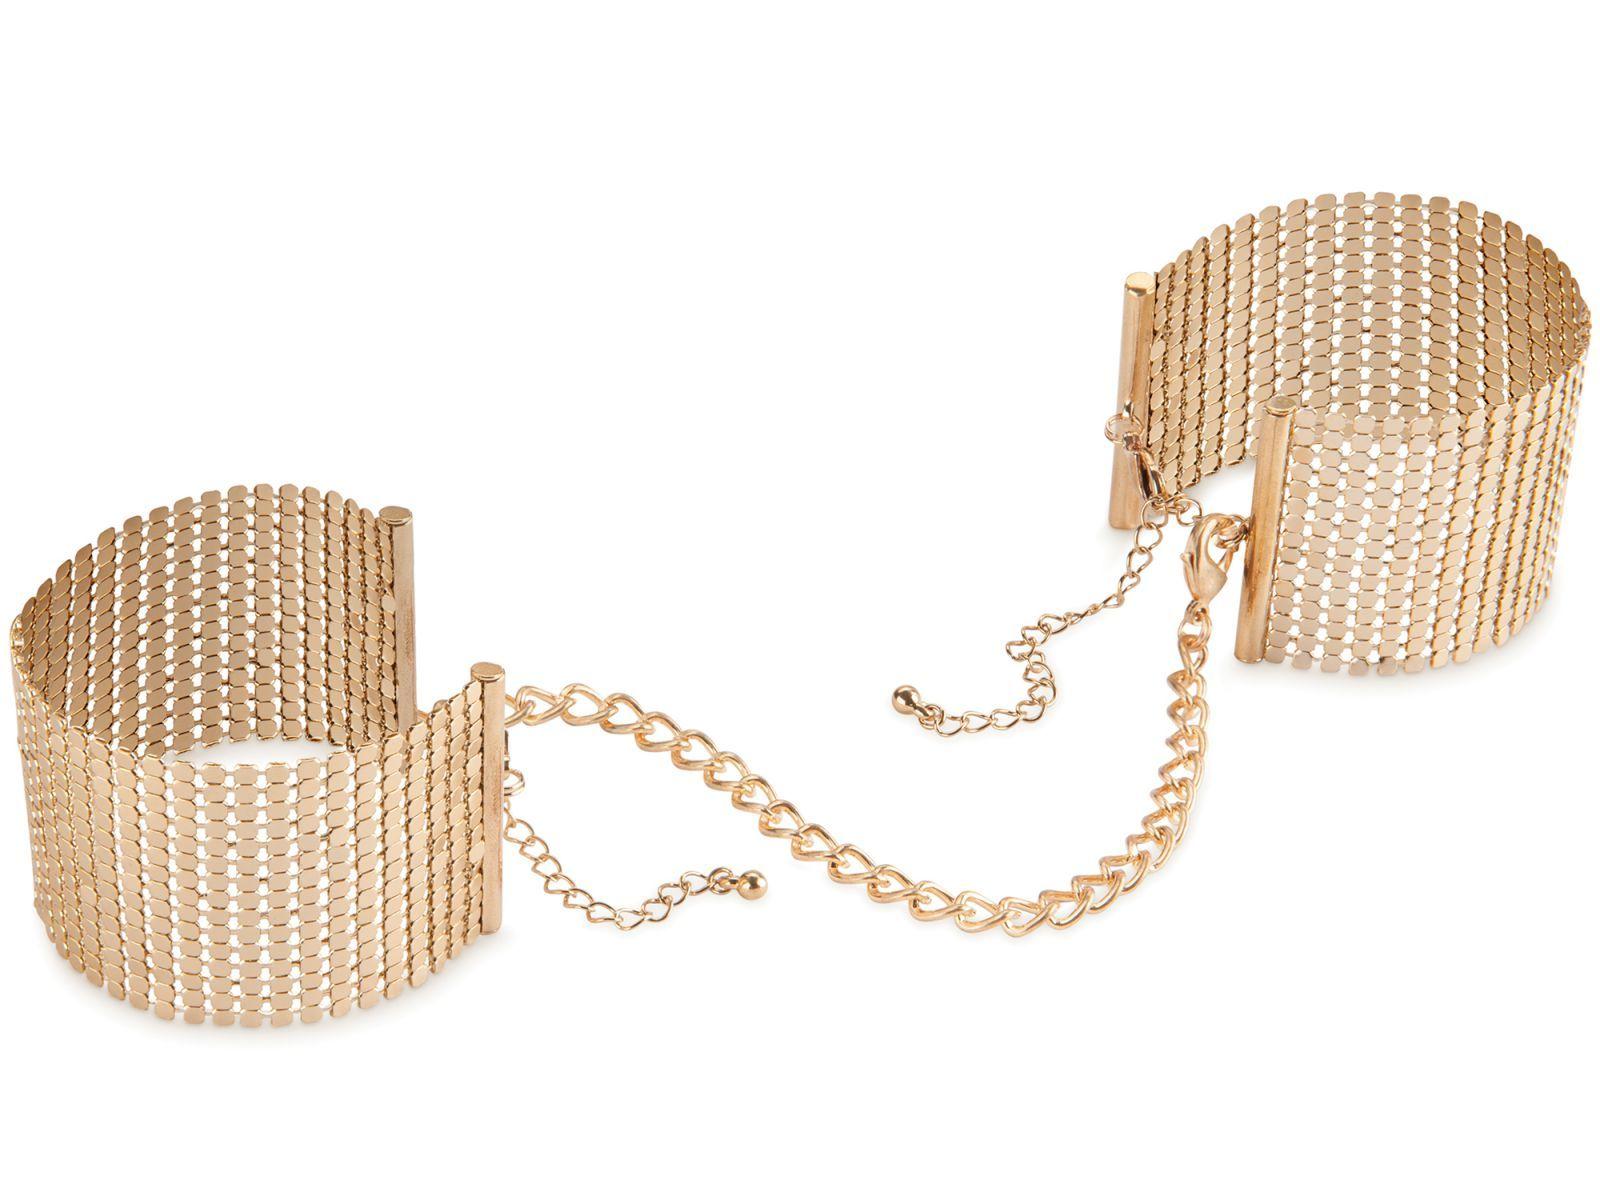 Bijoux IndiscretsNáramky - pouta Désir Métallique Gold, zlaté